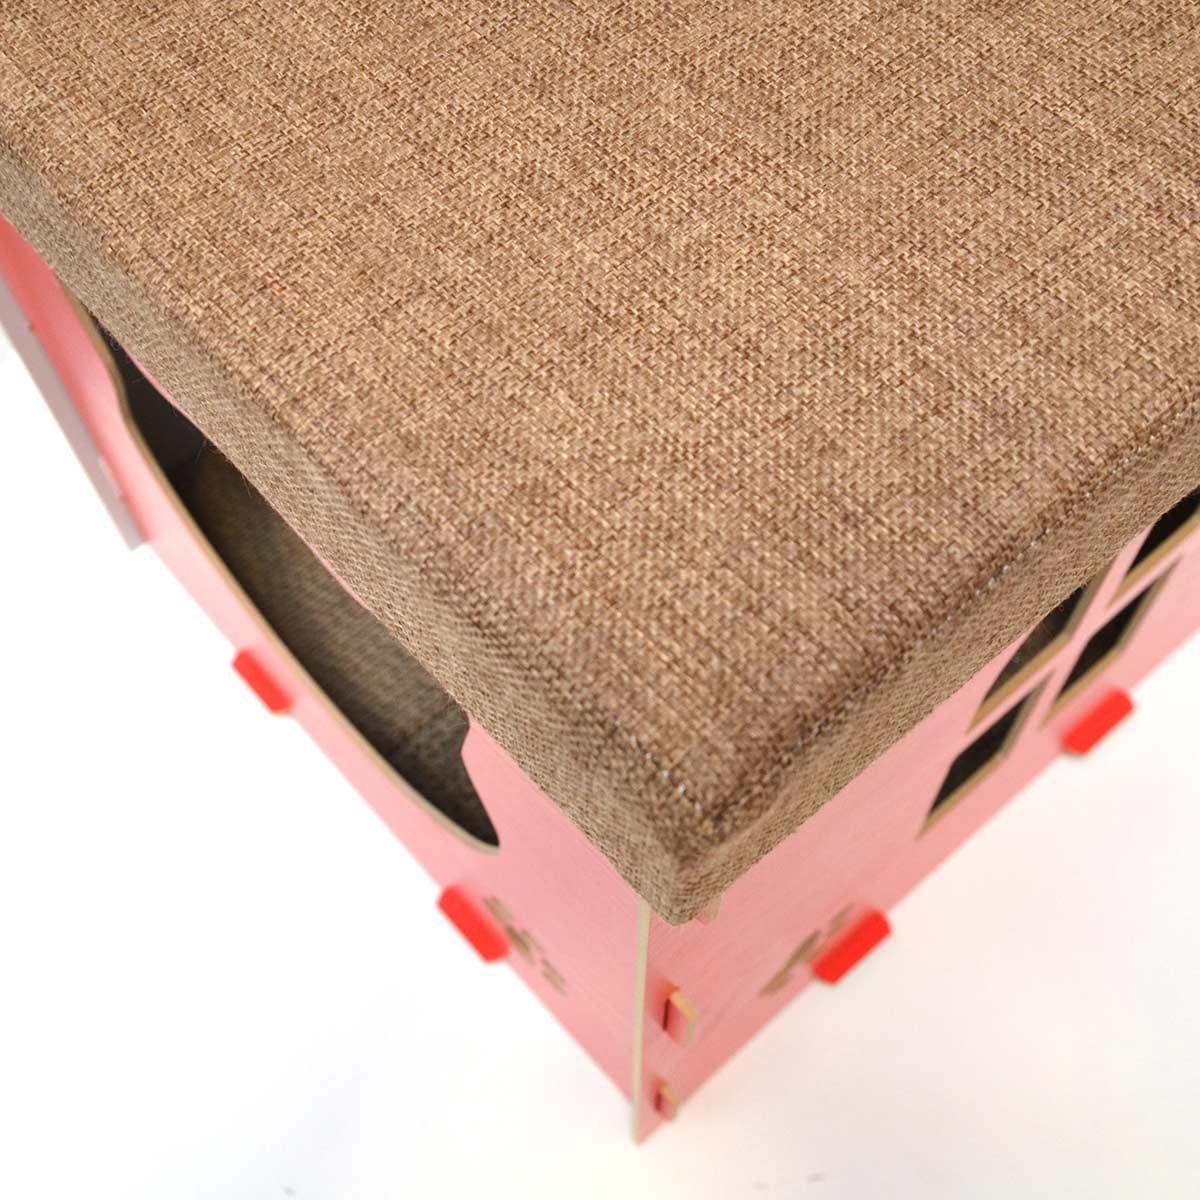 eyepower Cama para Gato 38x38x38cm peque/ño S caja cuadrada para mascota con tapa acolchada para sentarse reposapi/és incl alfombra rascadora Marr/ón